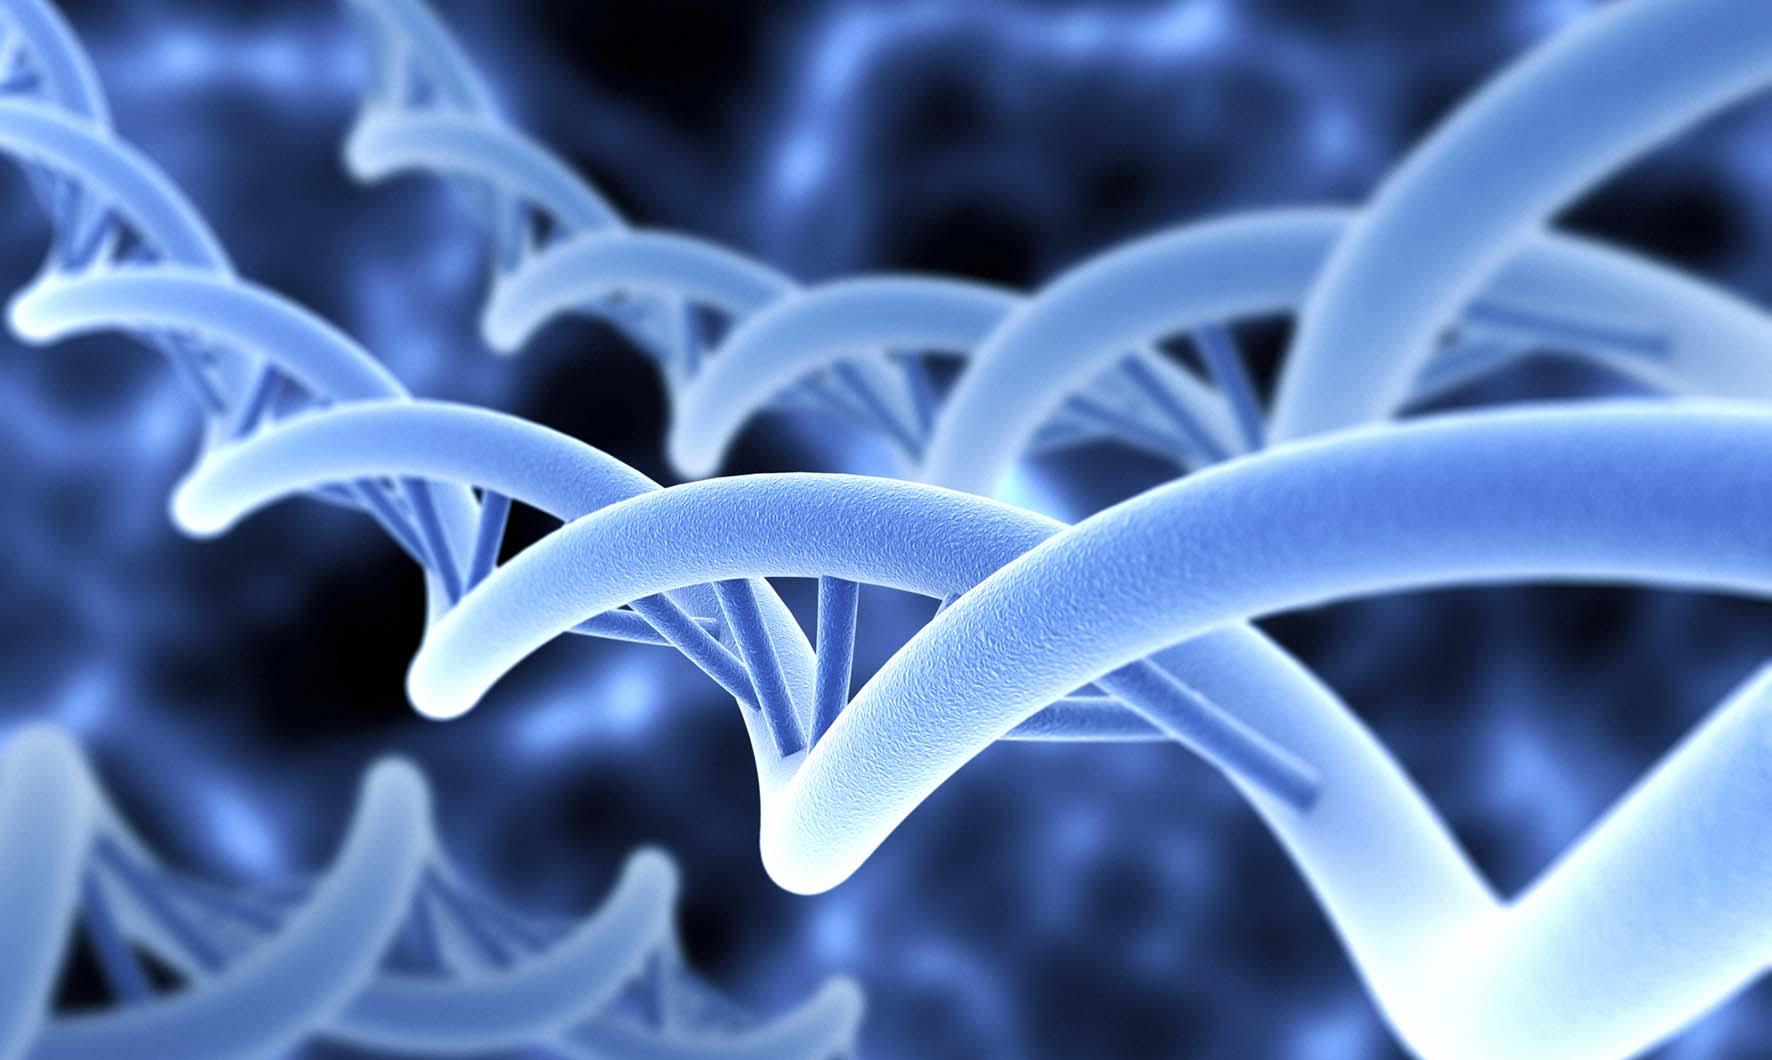 Genetica Malattie rare elica DNA 1